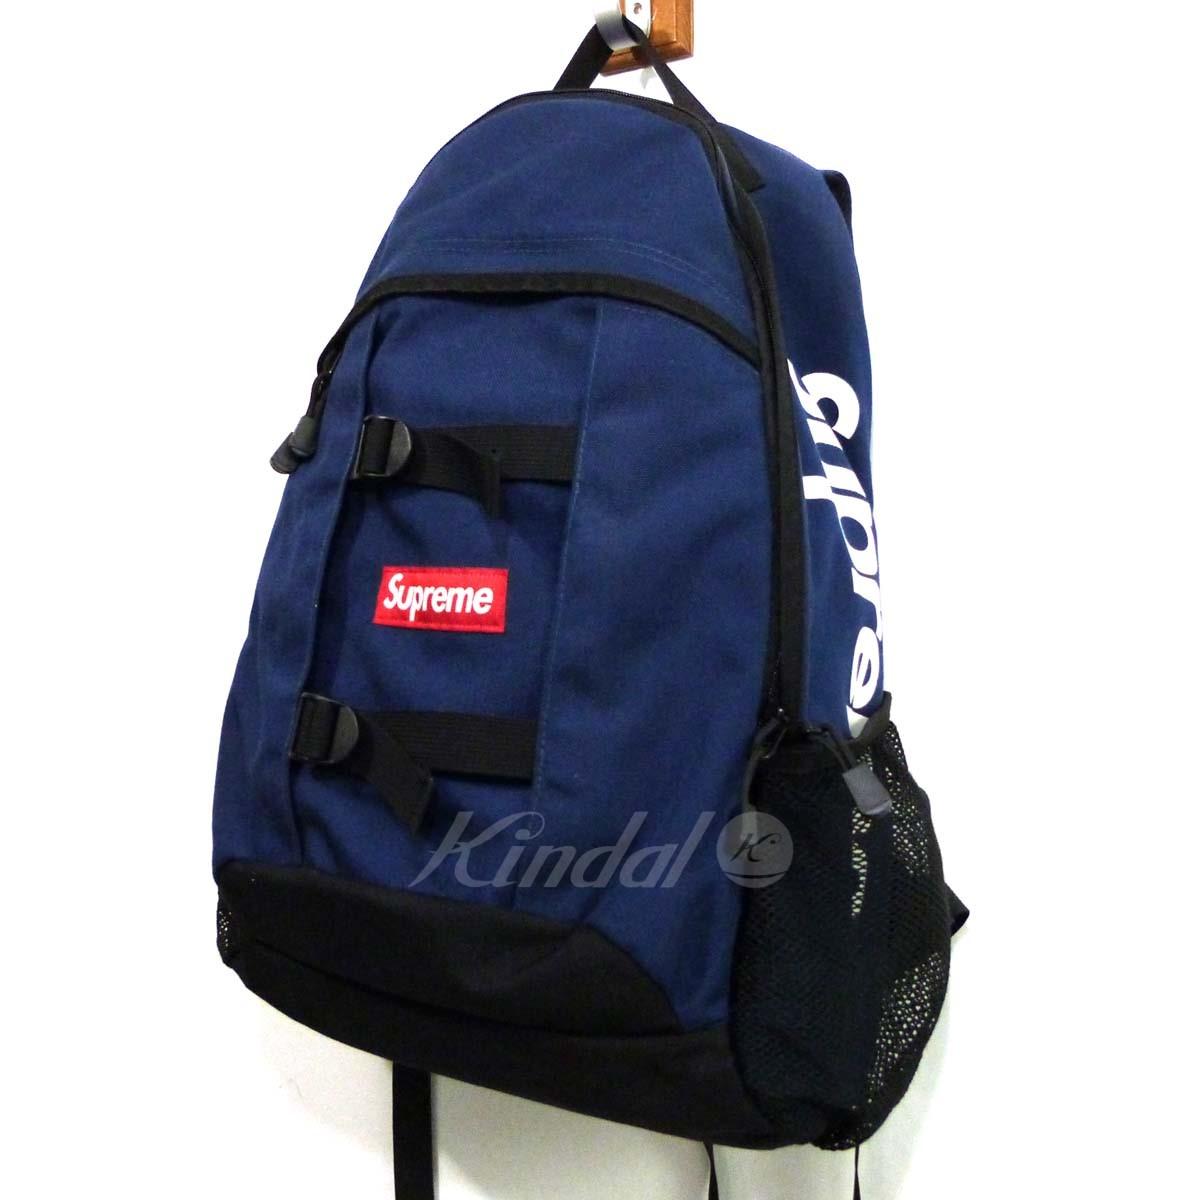 【中古】SUPREME 14SS「Logo Backpack」バックパック リュック ネイビー×ブラック 【送料無料】 【210618】(シュプリーム)